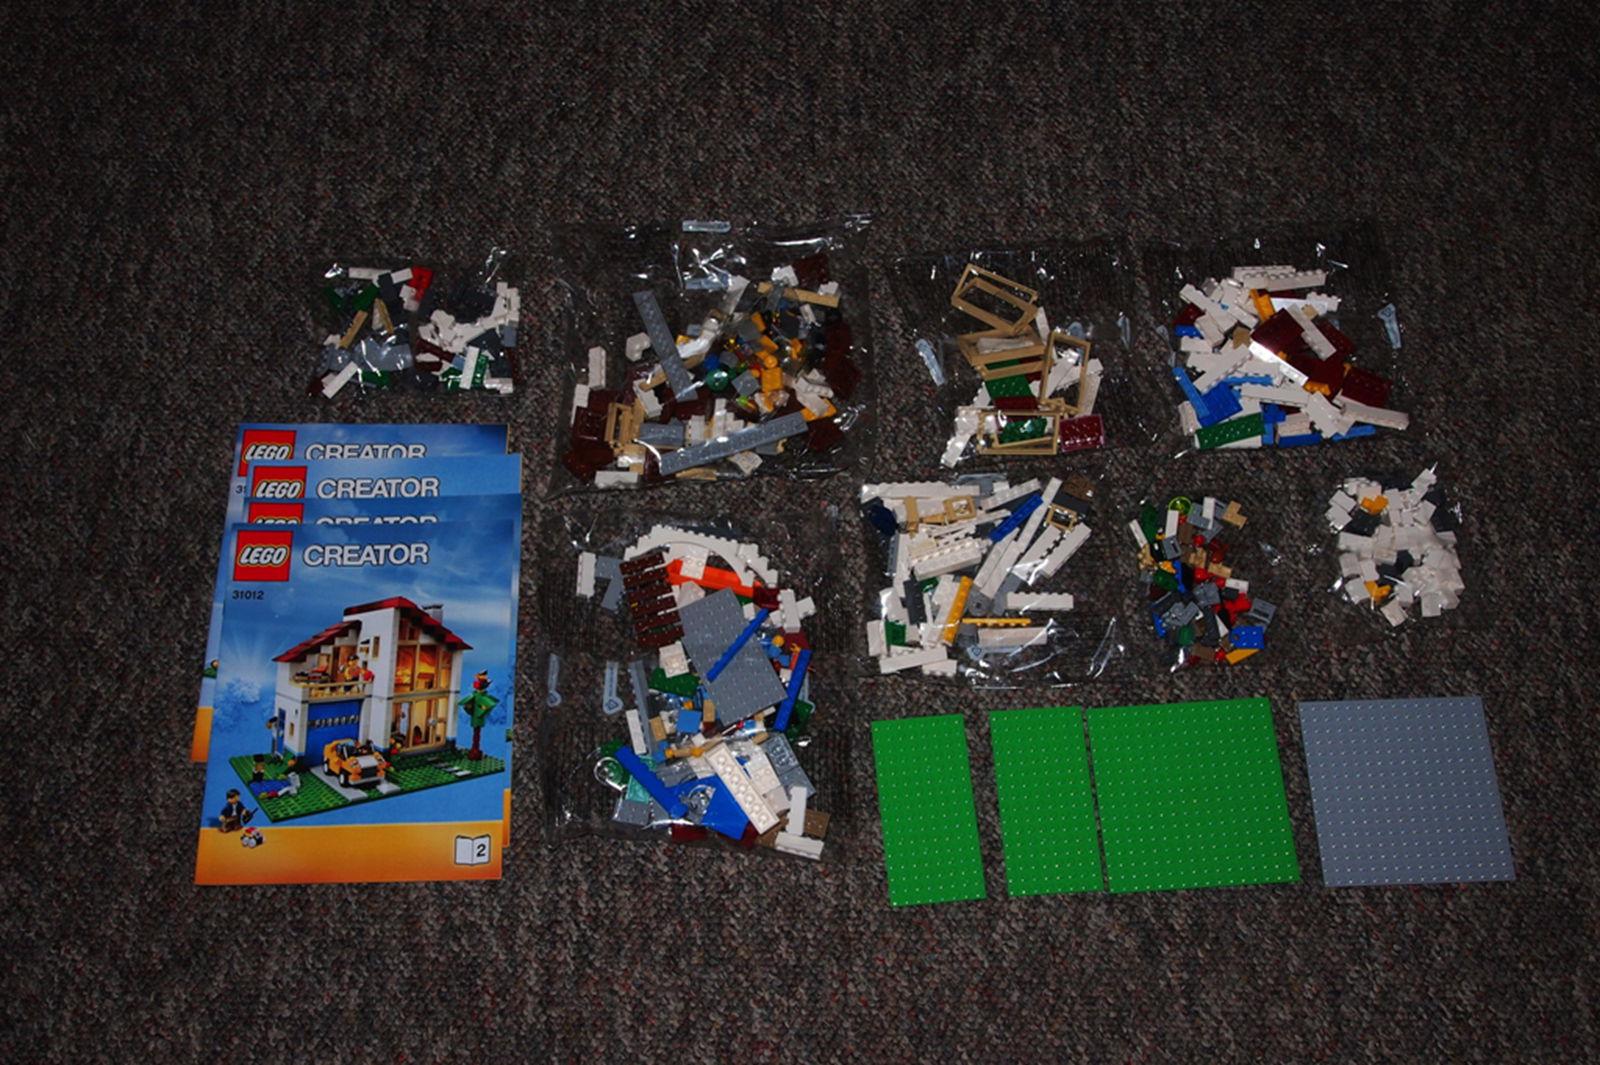 八包砖块,四本说明书,共有三种形态